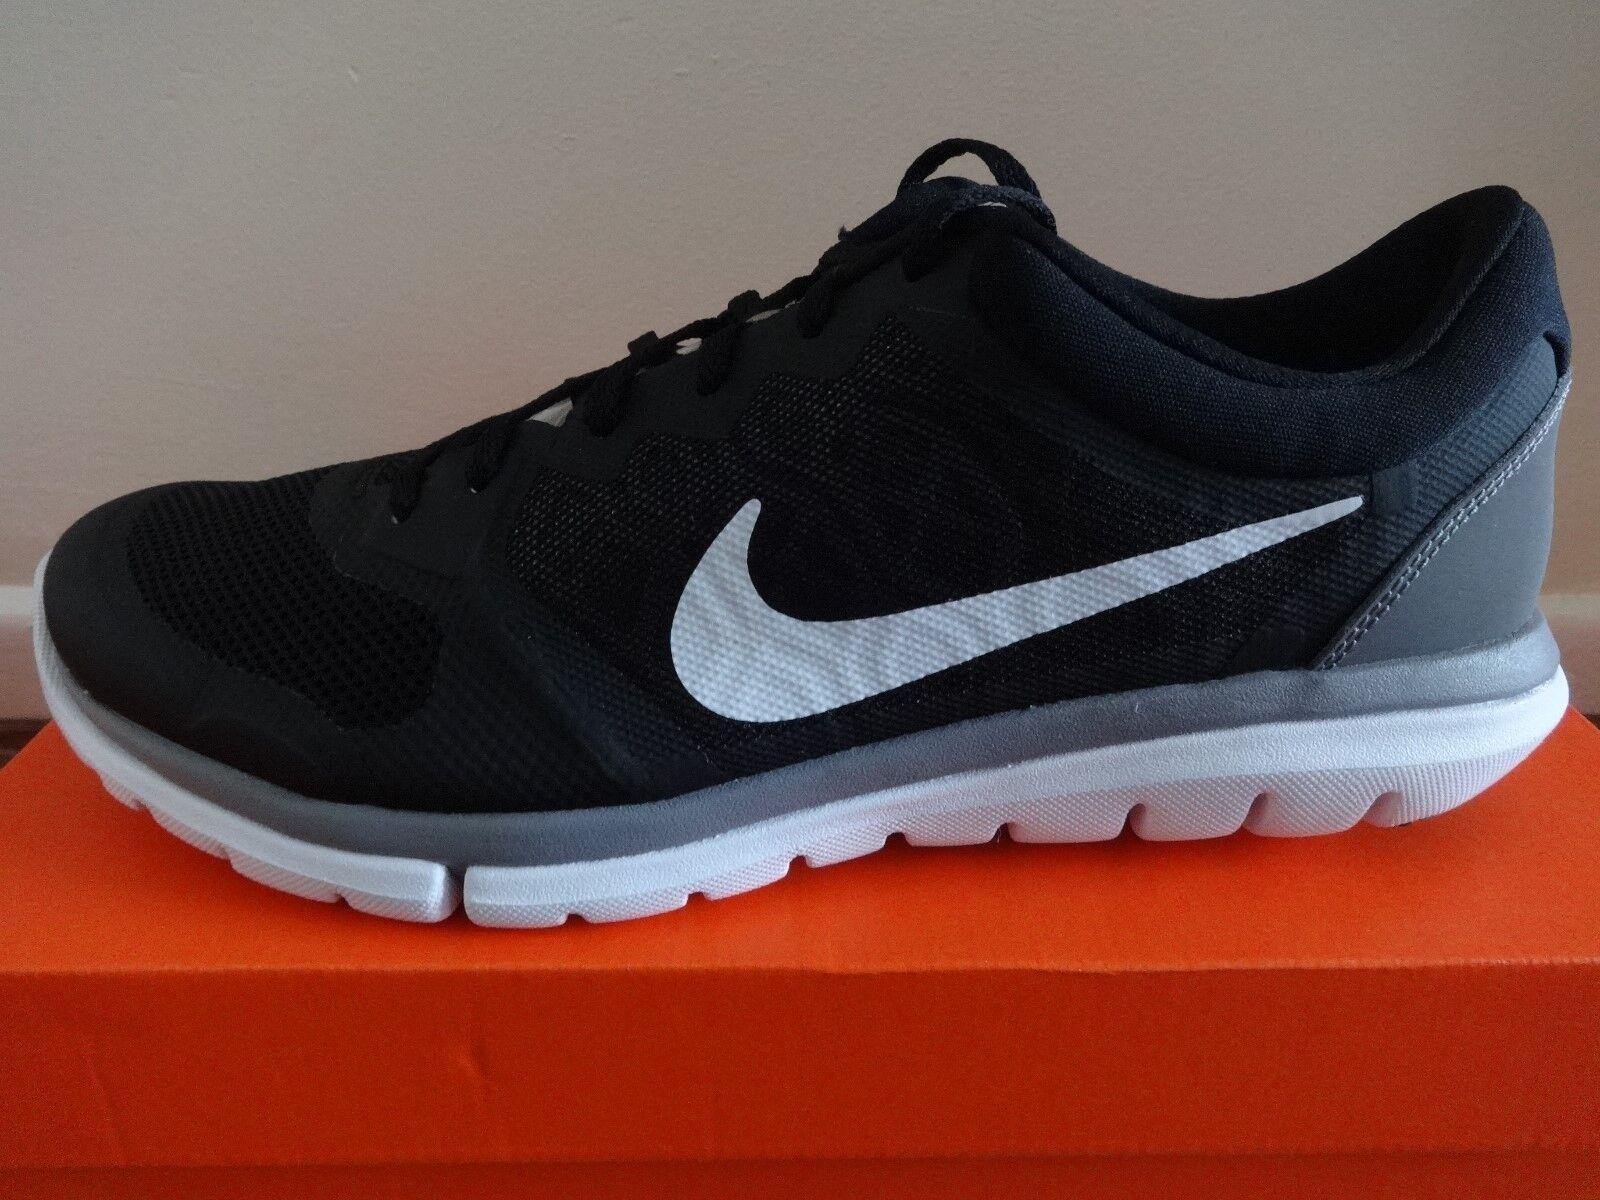 sale retailer 15080 0106b Zapatillas Nike Flex 2018 RN RN RN Hombre Trainers zapatos de temporada  709022 001 nuevo caja